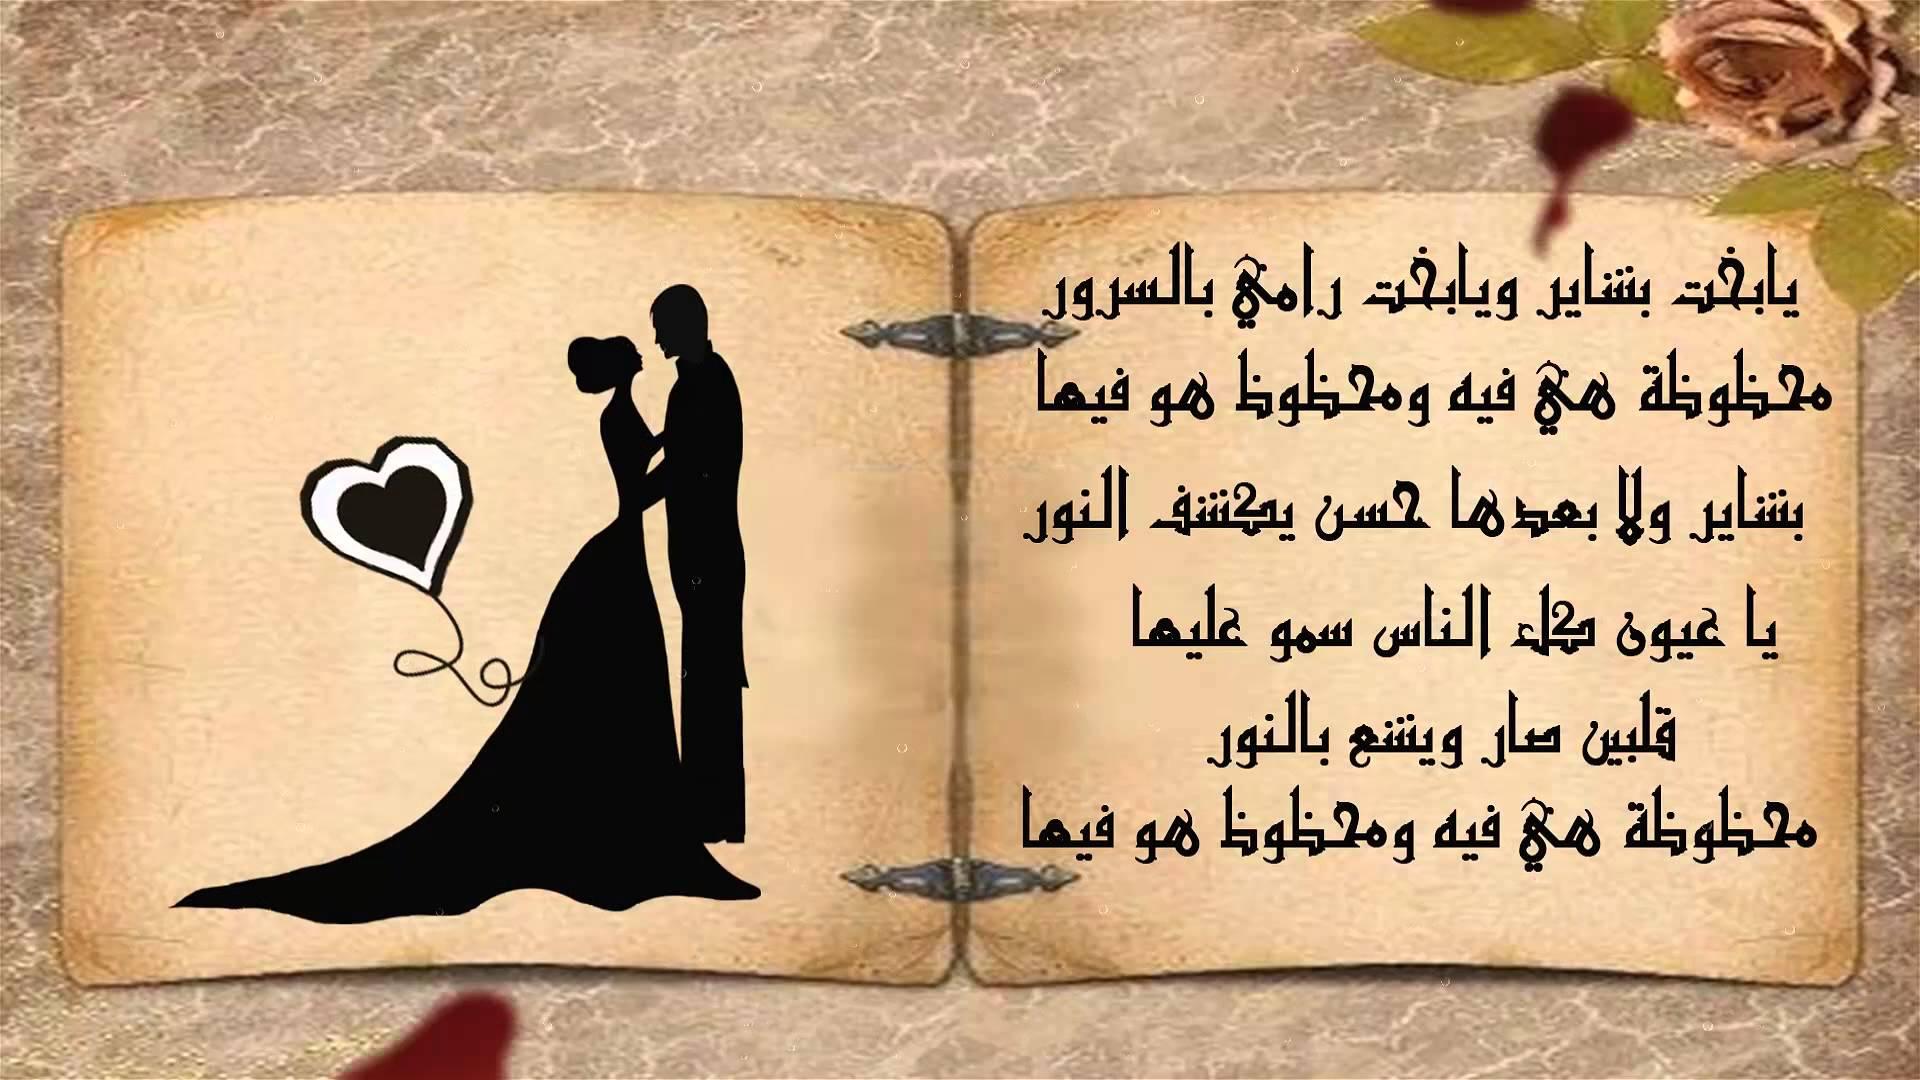 بالصور بطاقة تهنئة زواج , بطاقات لاجمل عروسة و عريس قرب موعد زفافهم 1348 5